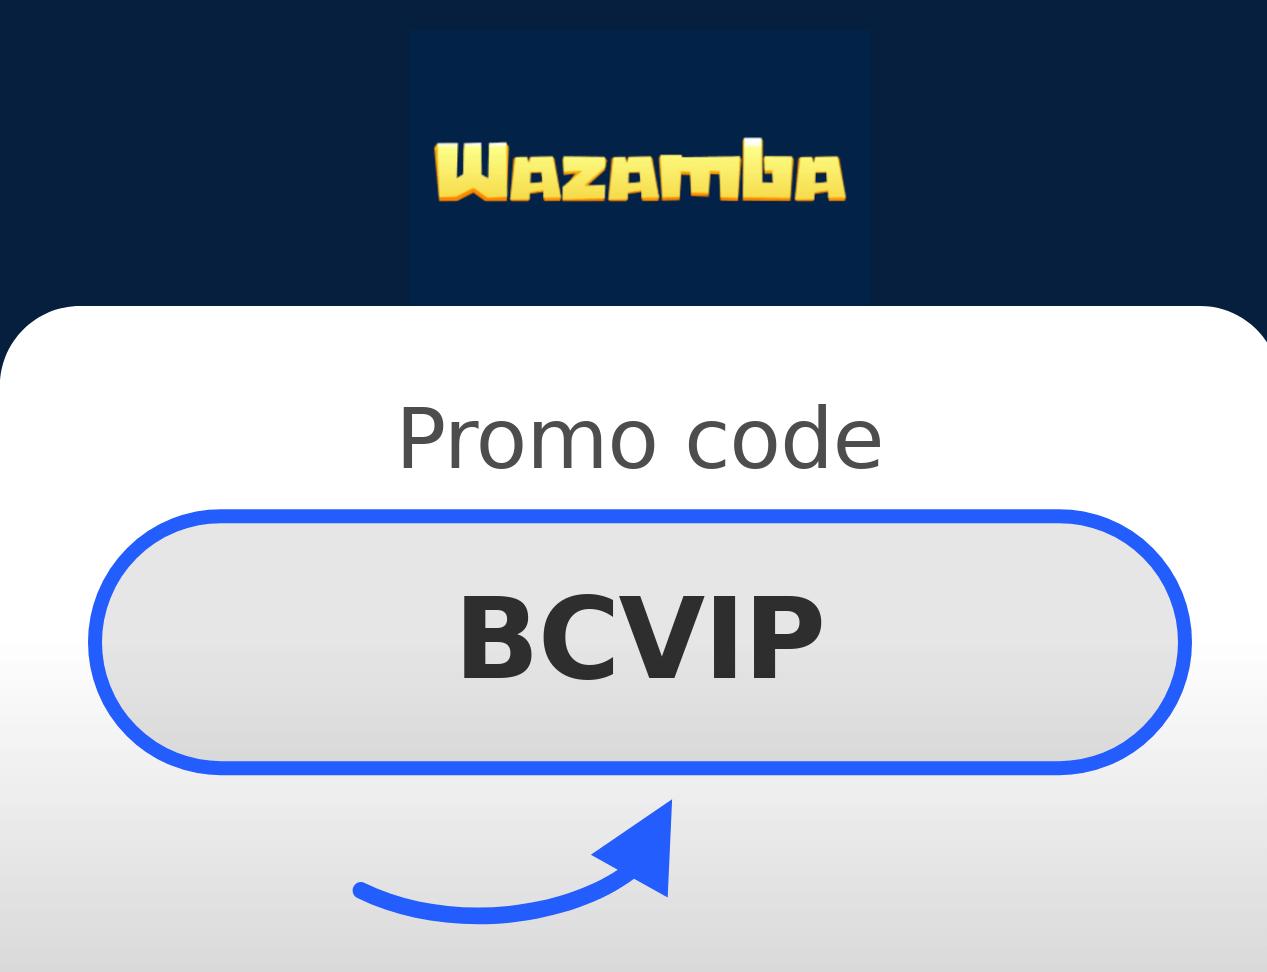 Wazambaカジノプロモコード